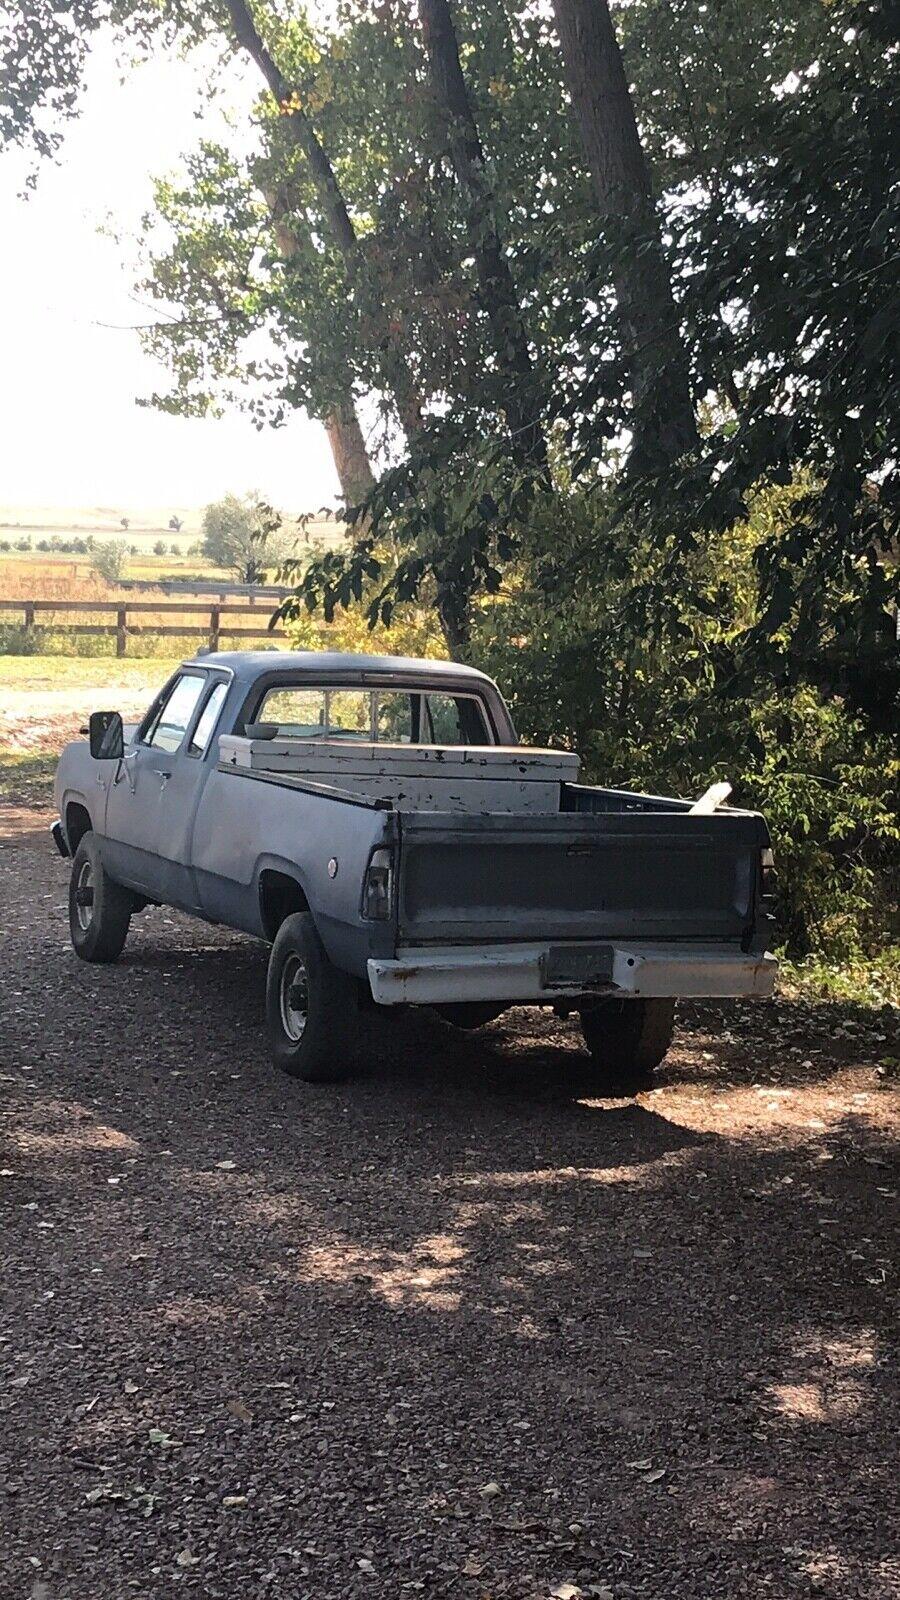 1978 Dodge Power Wagon adventurer